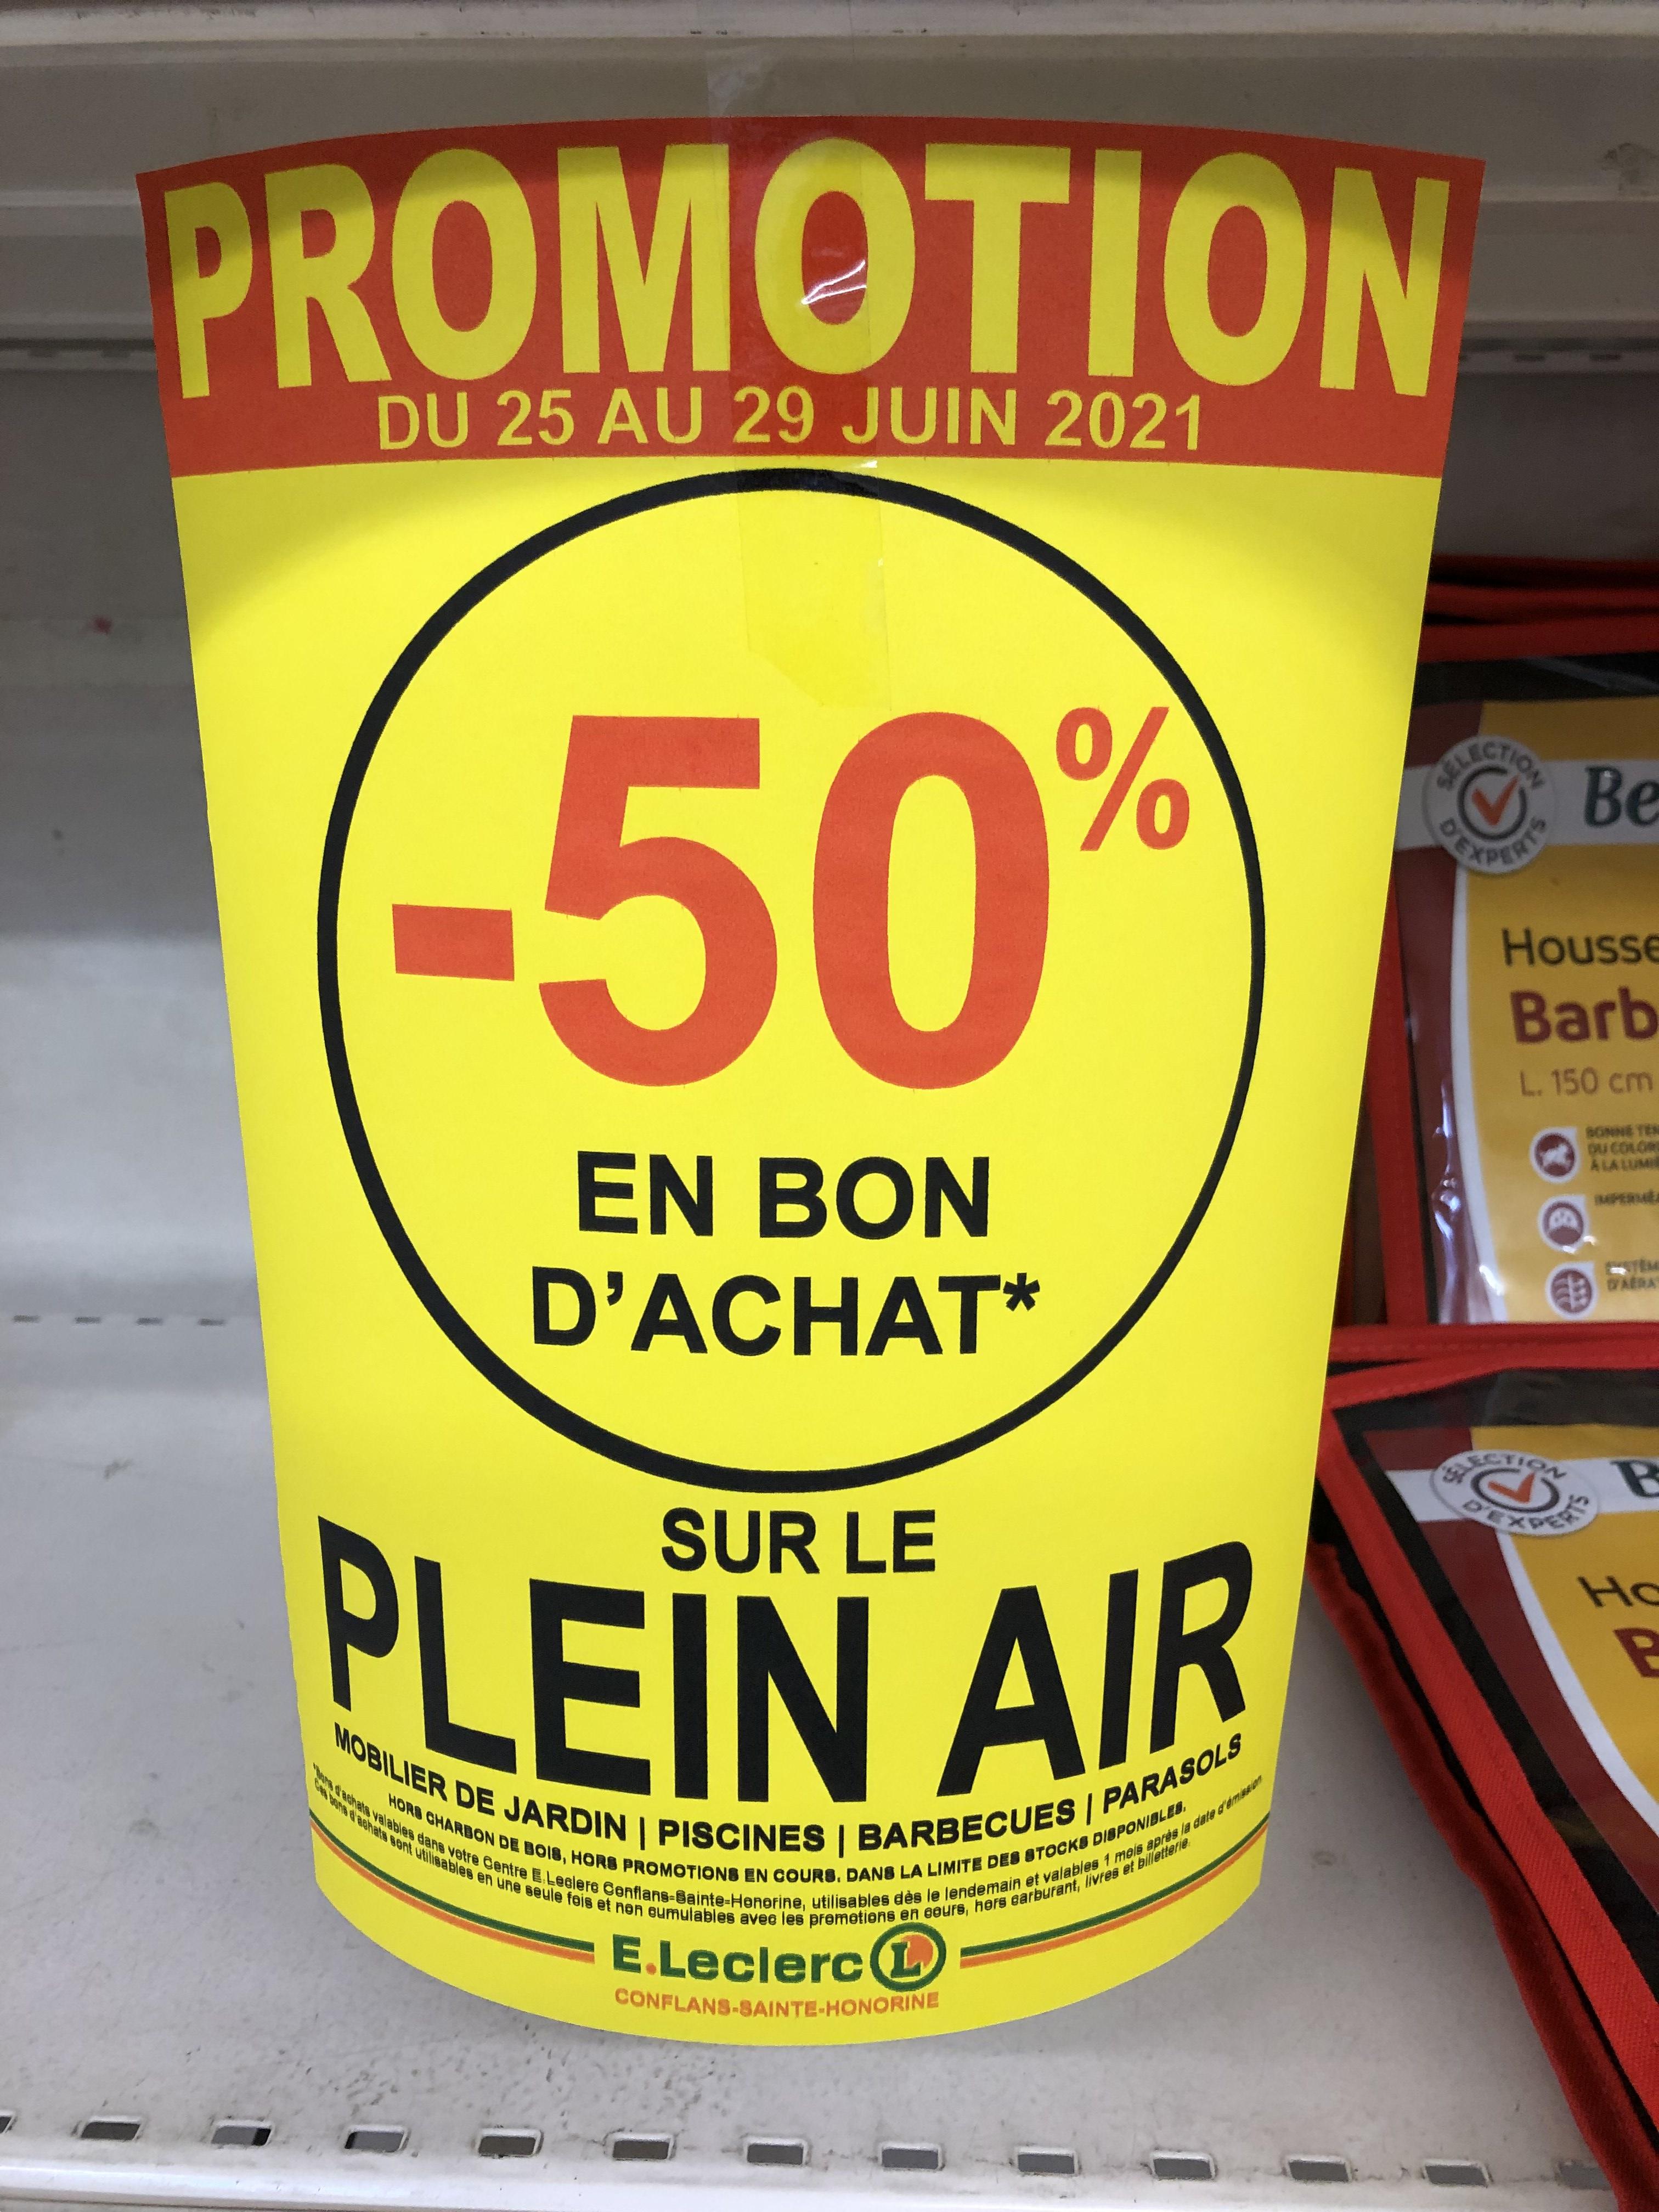 30% offerts en bon d'achat sur le plein air -- Conflans-Sainte-Honorine (78)